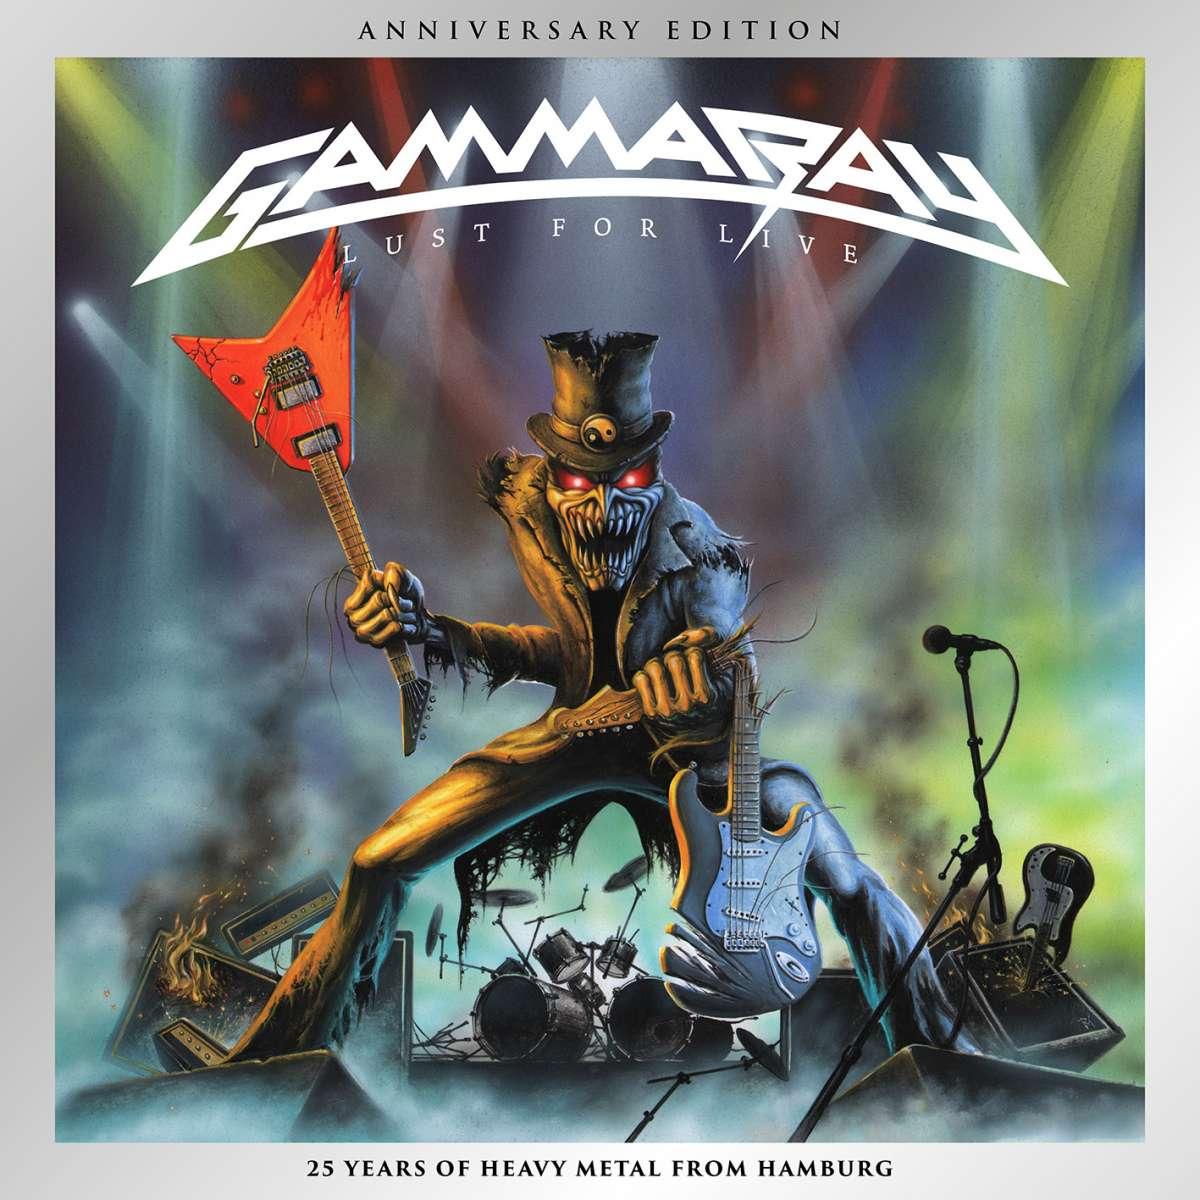 ob_c8e417_gamma-ray-lust-live-anniversary-editio